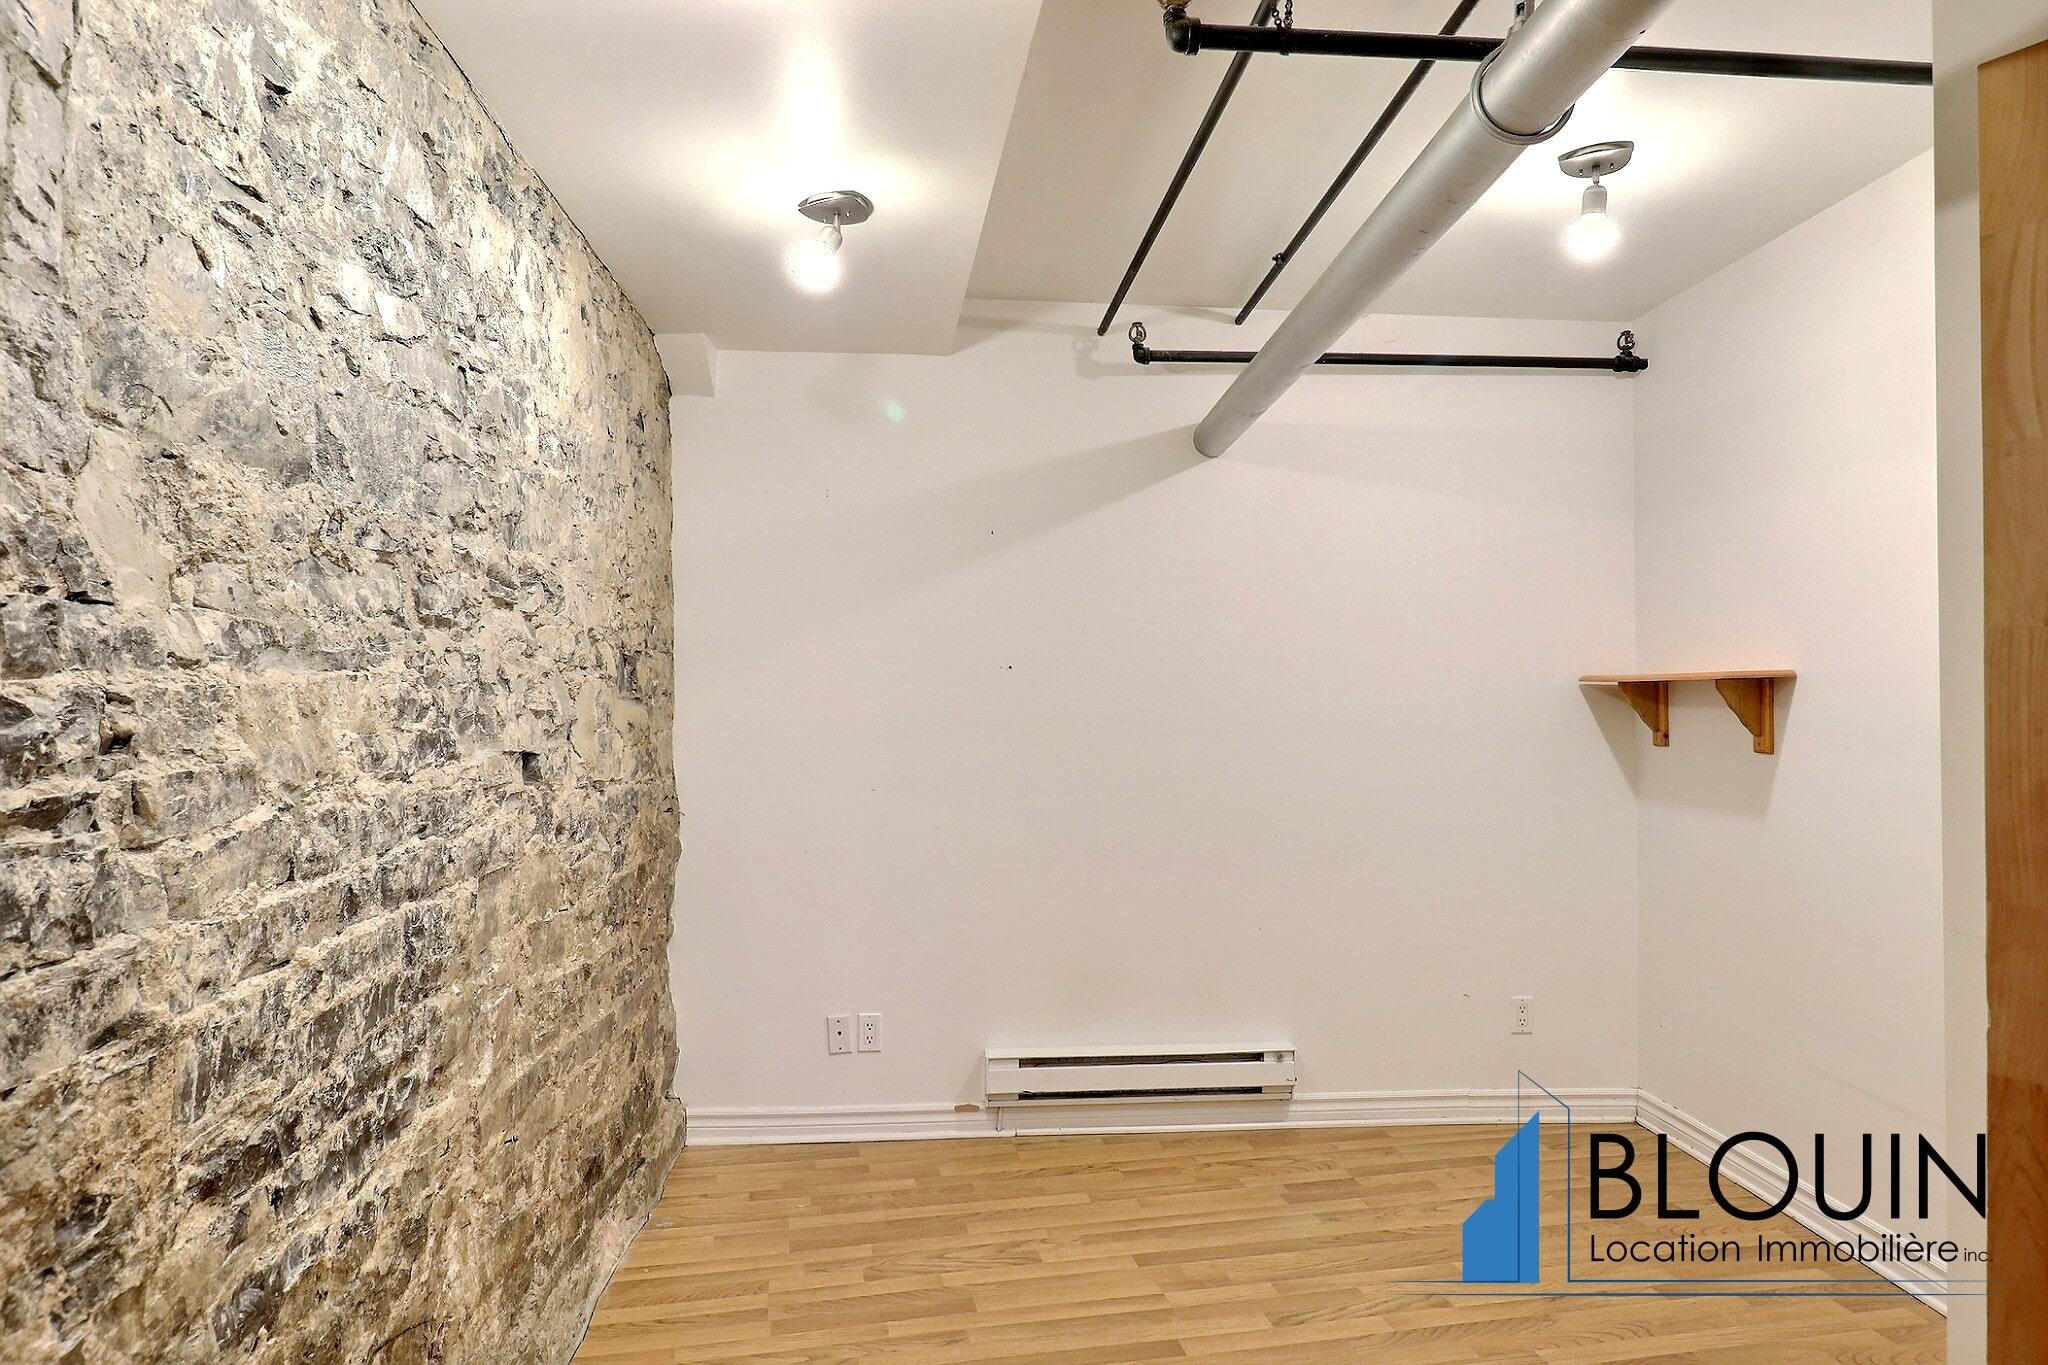 Photo 7 : Grand Loft avec chambre fermée, Vieux-Québec, libre Maintenant, Eau chaude incluse, 1 mois GRATUIT